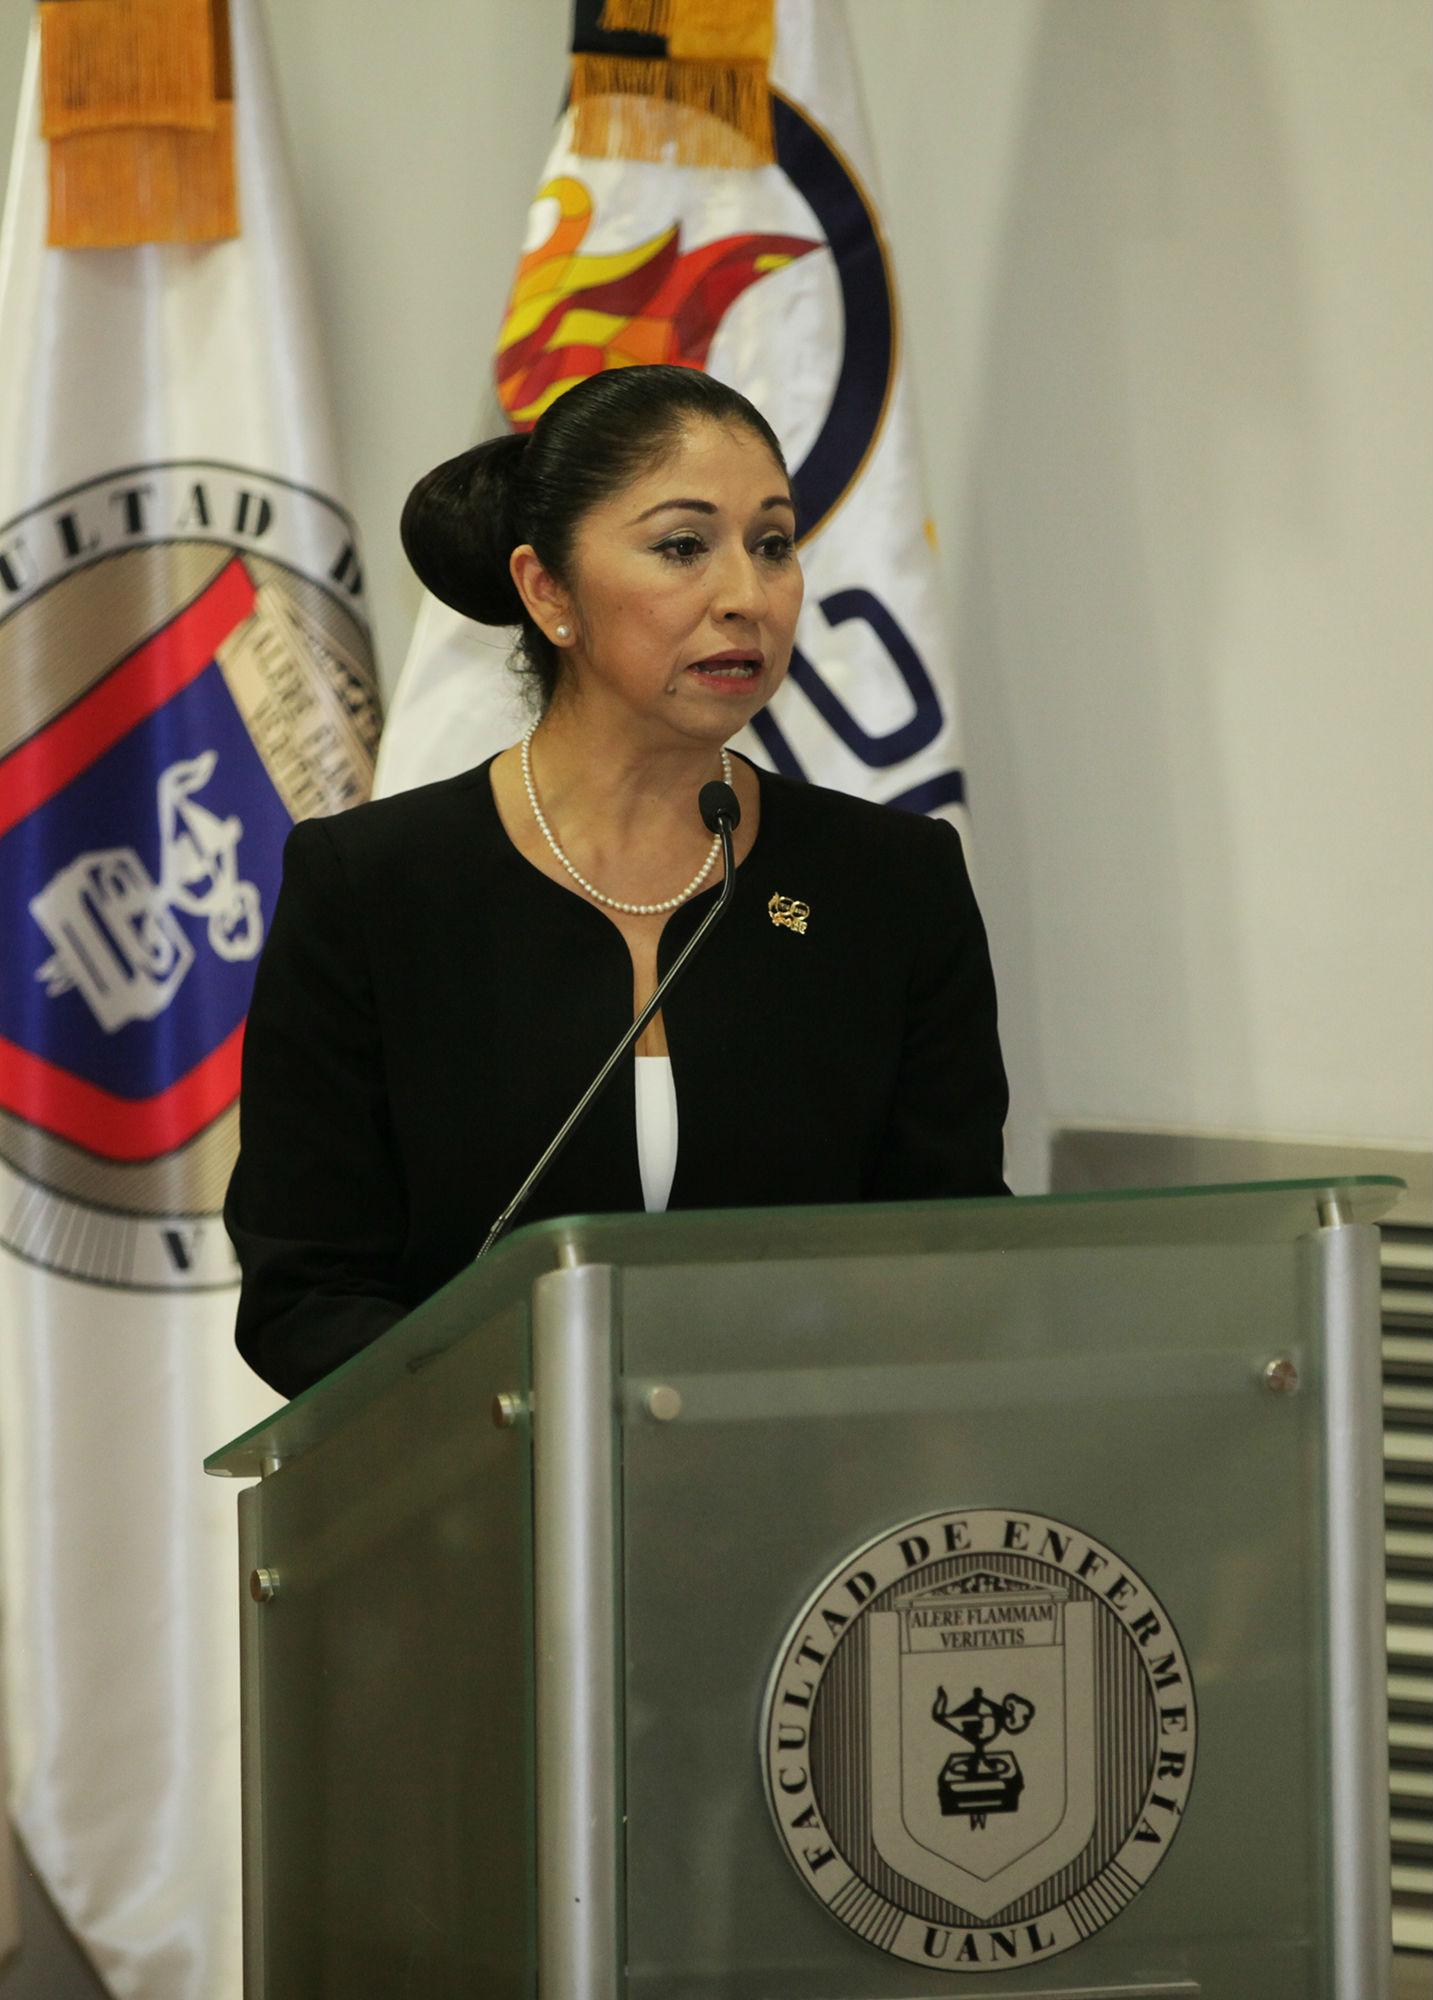 Mensaje de la directora de la Facultad de Enfermería, María Diana Ruvalcaba Rodríguez